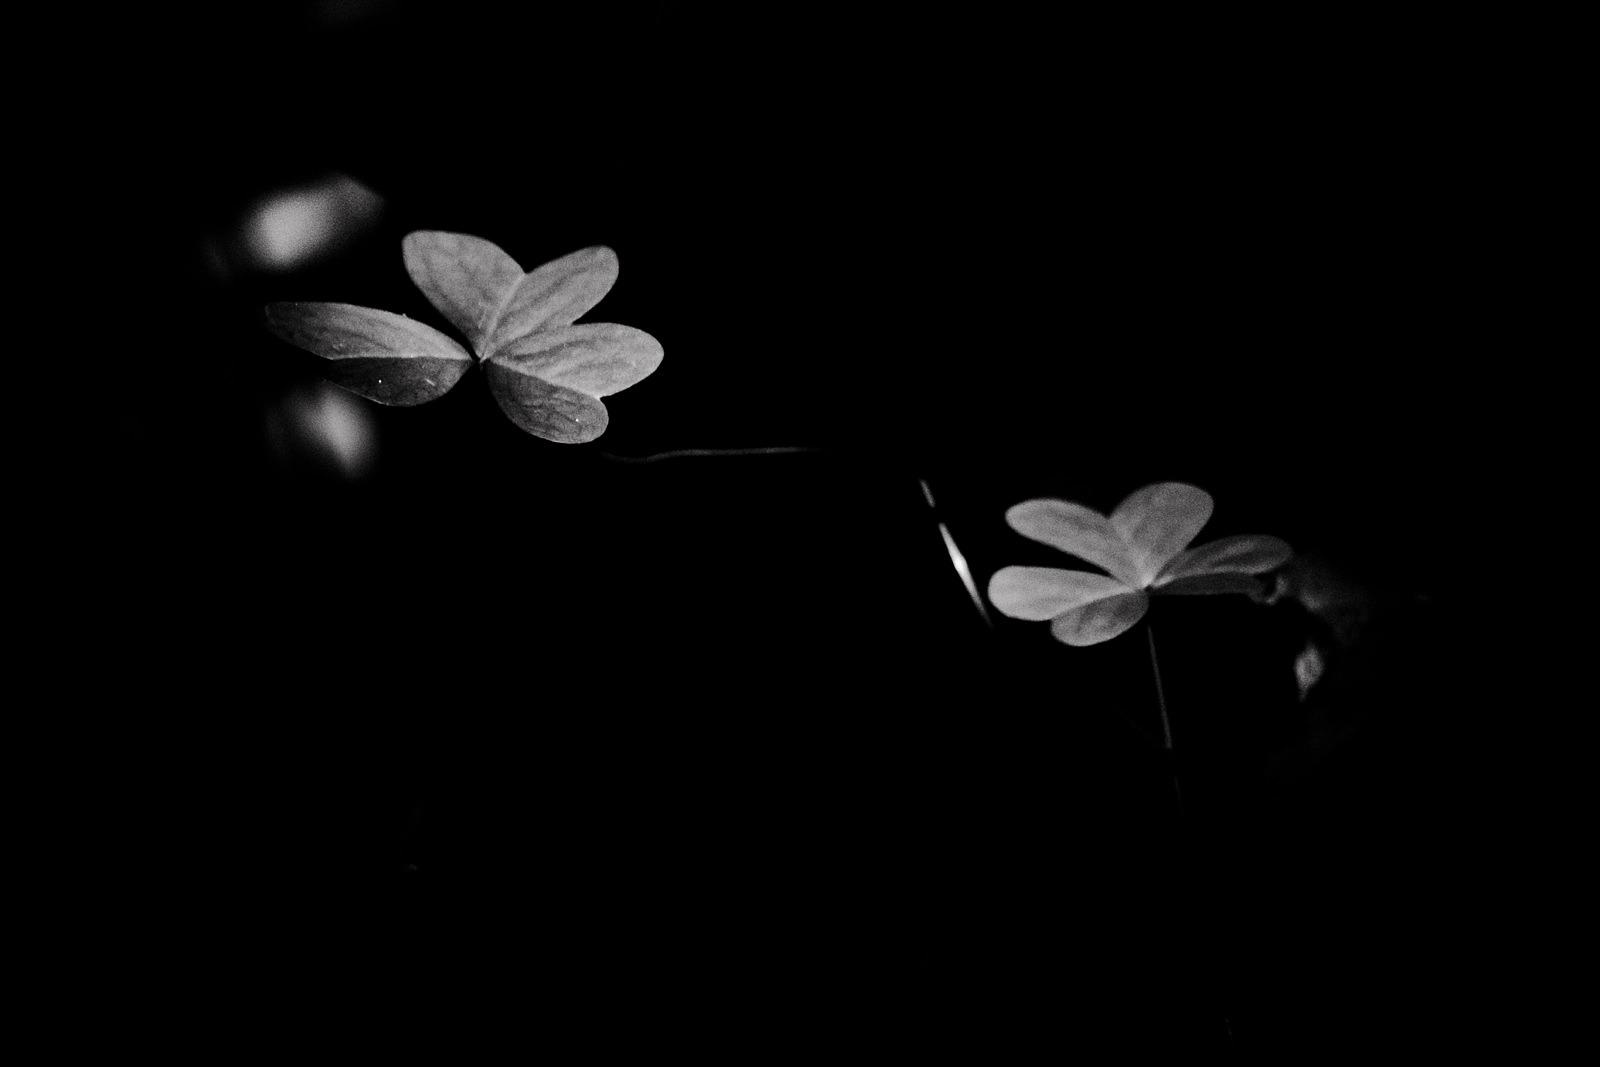 fotografo en algeciras